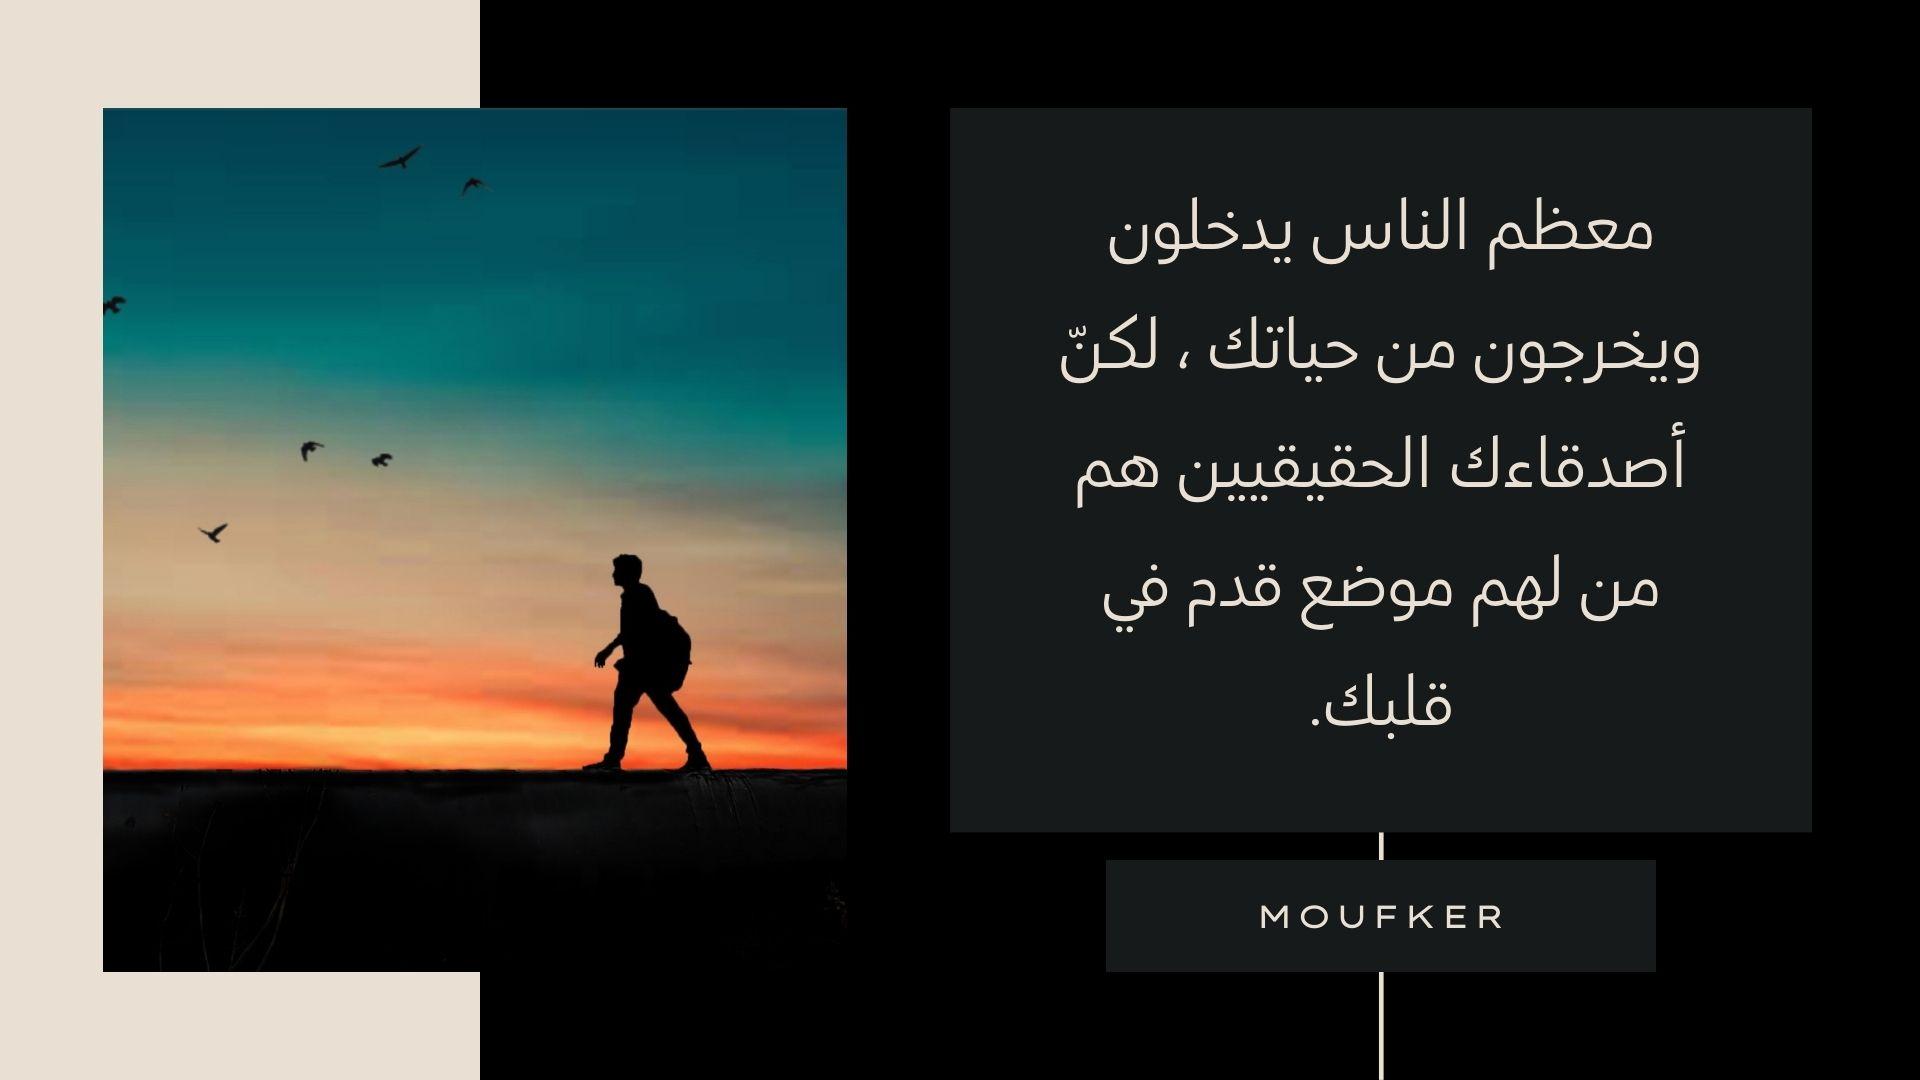 معظم الناس يدخلون ويخرجون من حياتك ، لكنّ أصدقاءك الحقيقيين هم من لهم موضع قدم في قلبك.